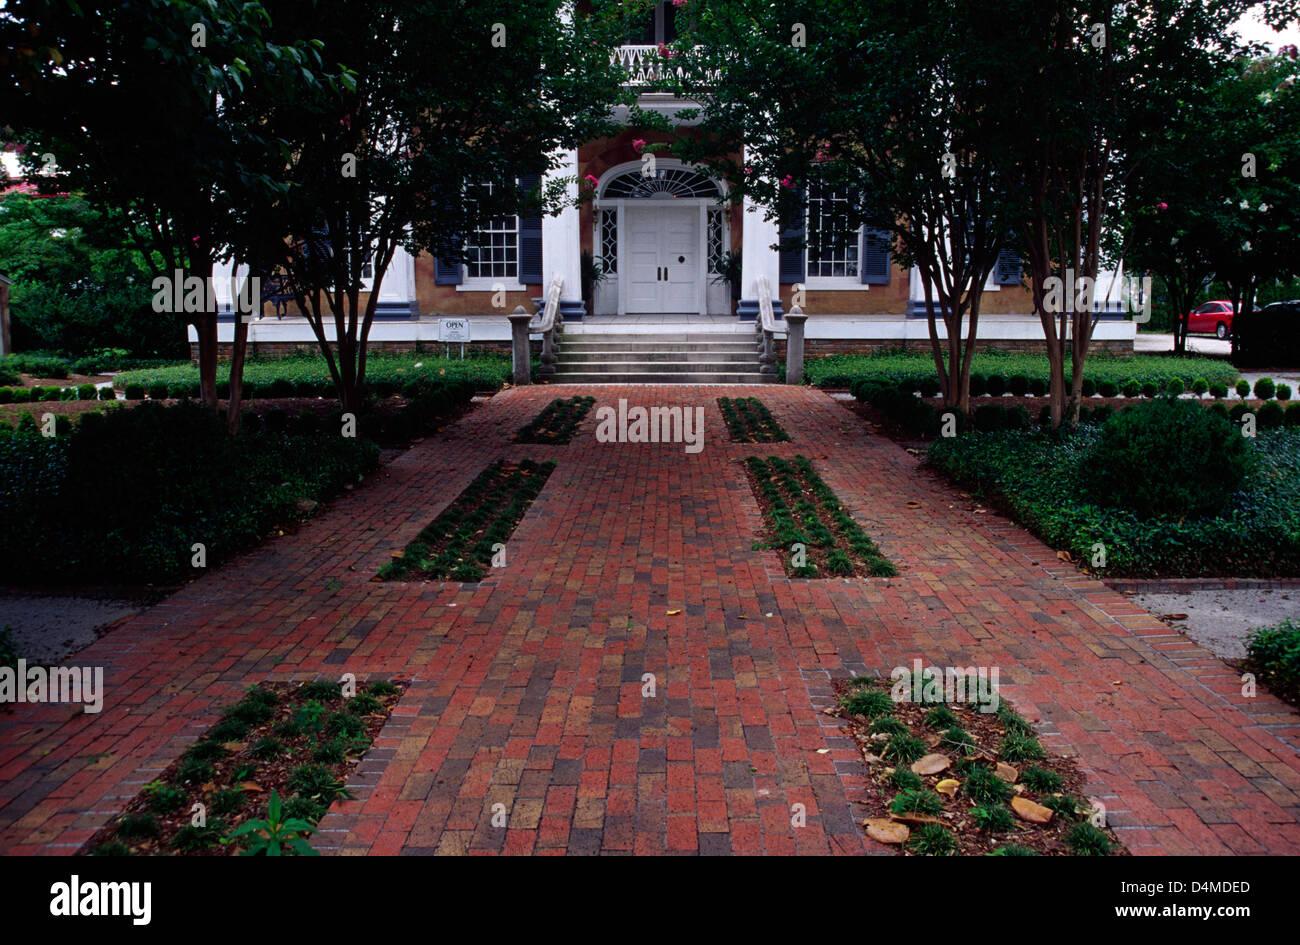 Battle-Friedman House (1835), Tuscaloosa, Alabama - Stock Image